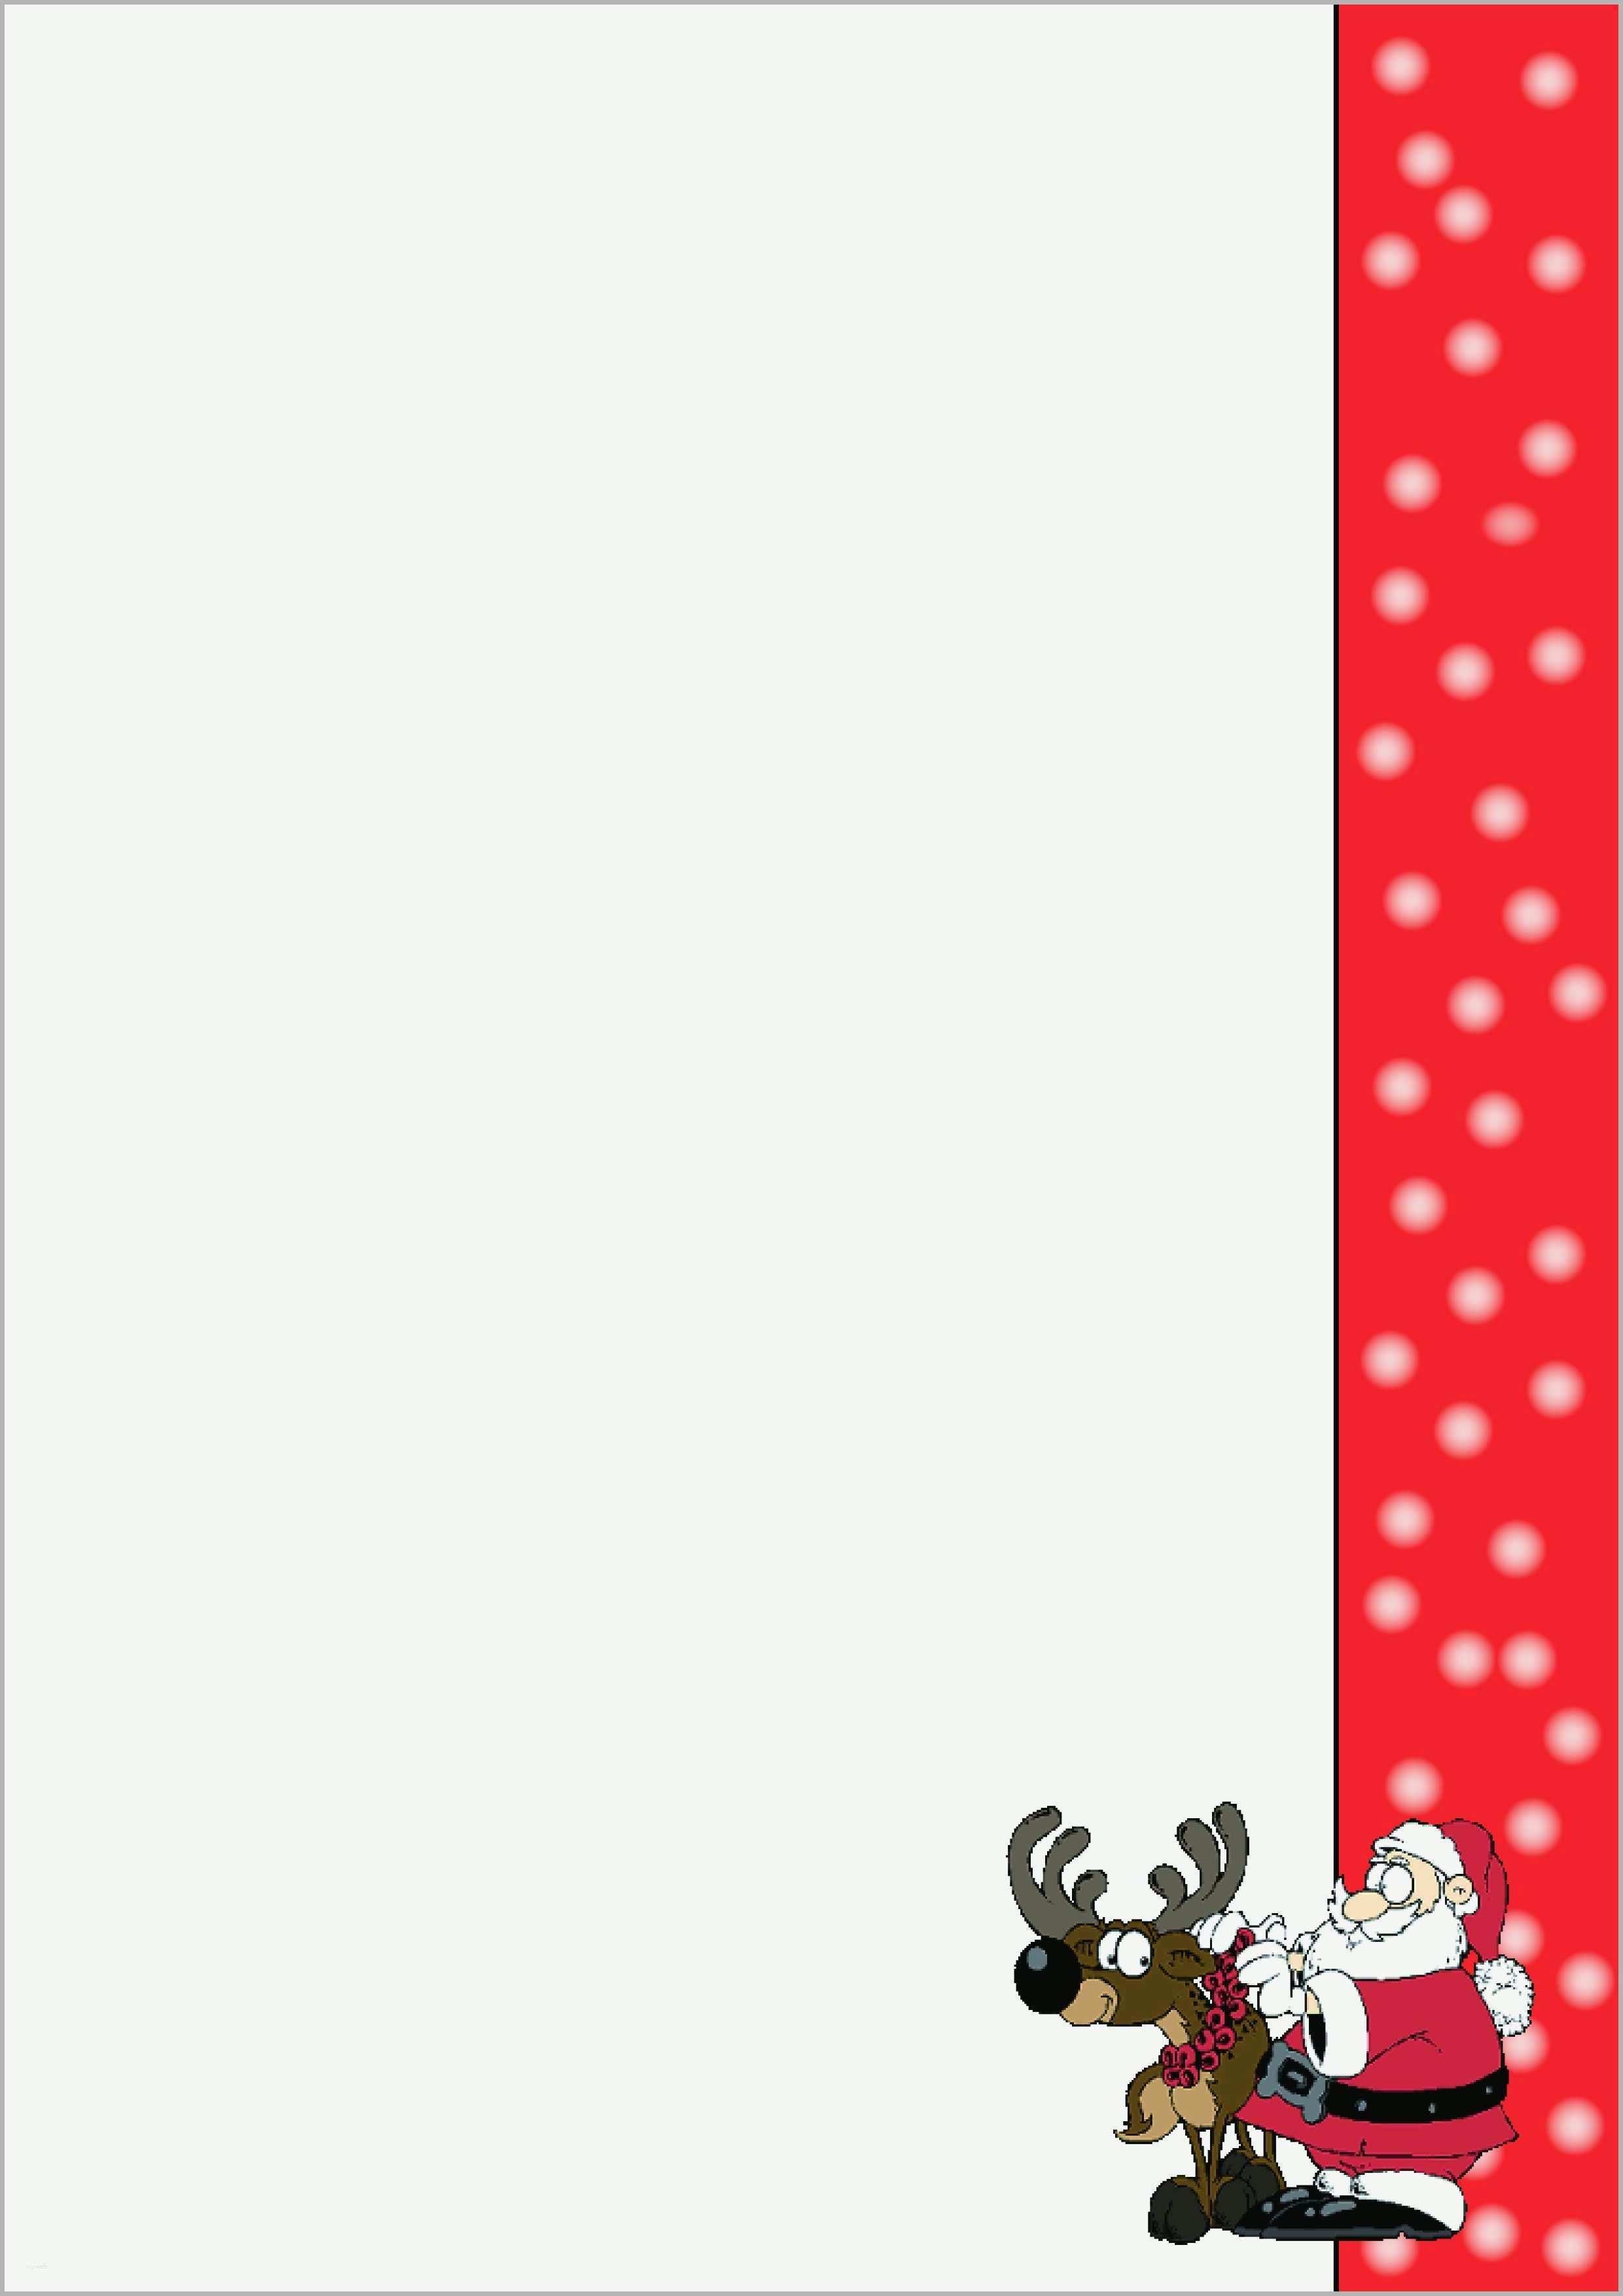 schockieren vorlage wunschzettel weihnachten word